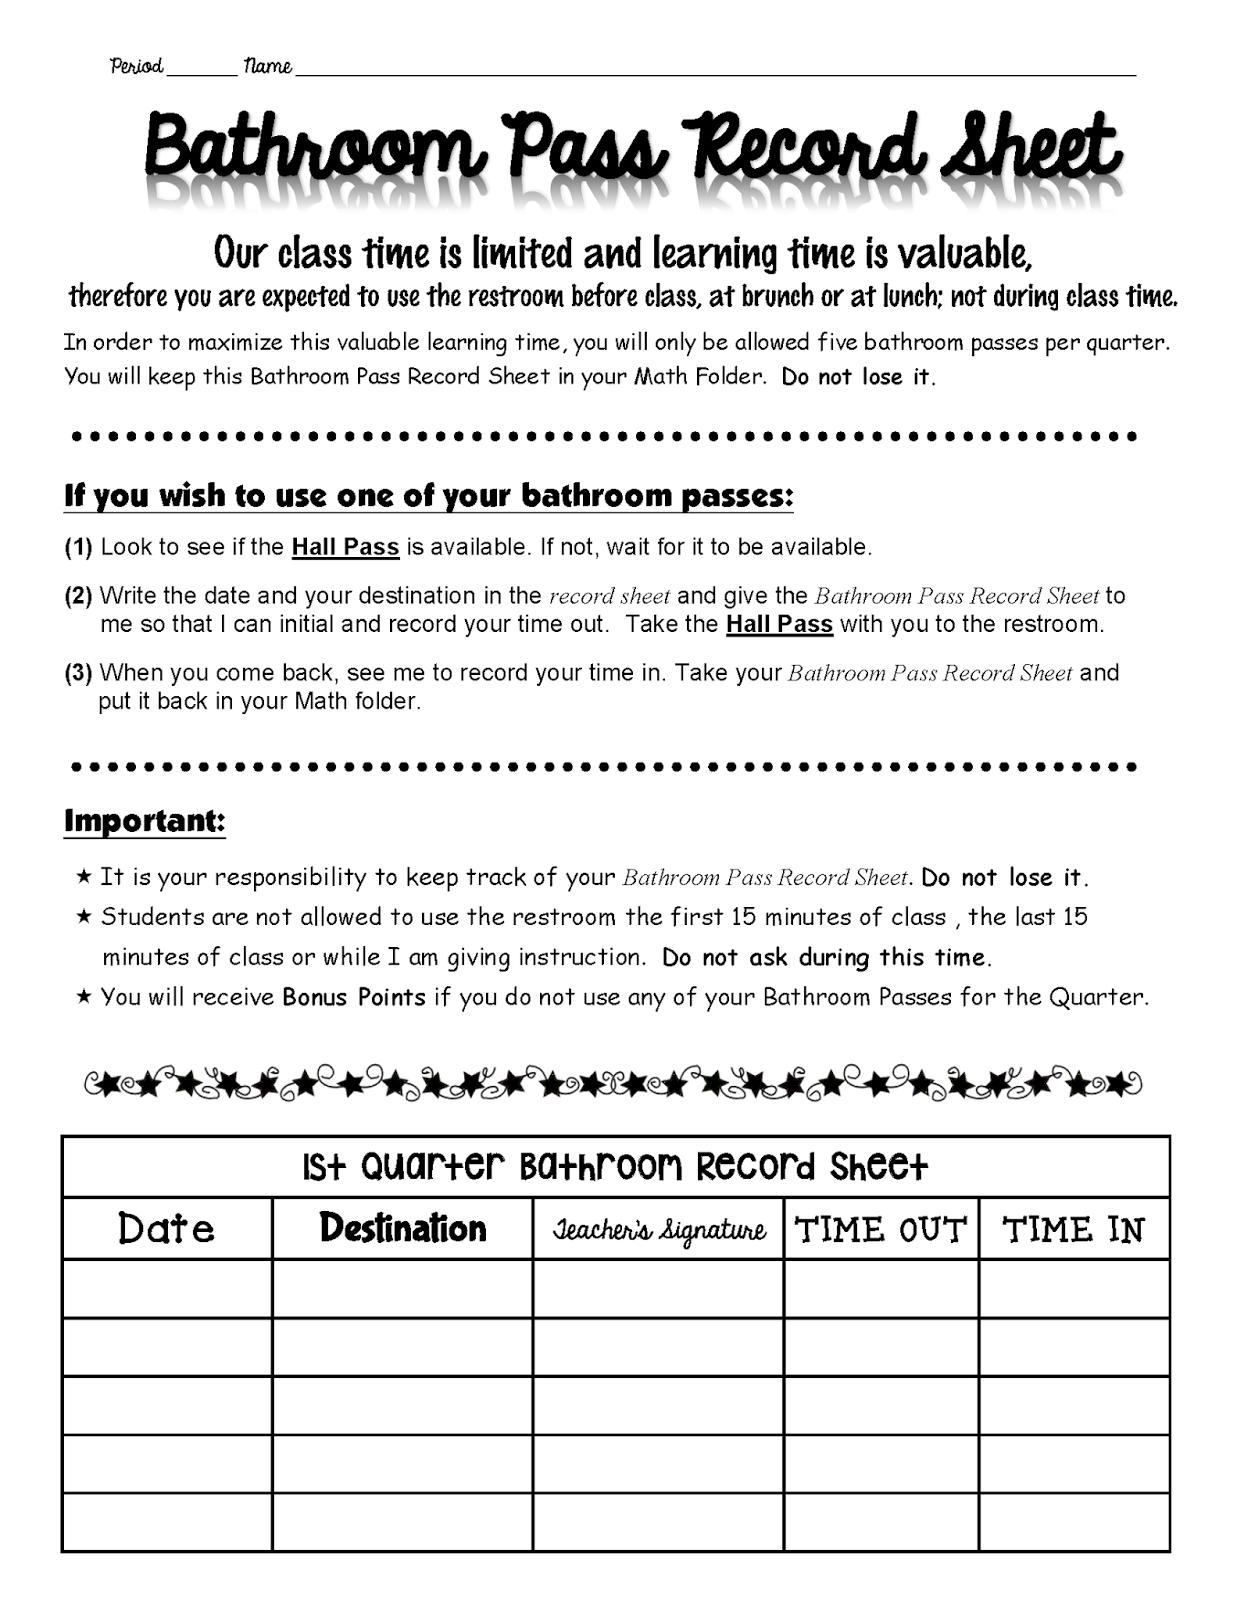 Rockstar Math Teacher Classroom Posters And Bathroom Pass